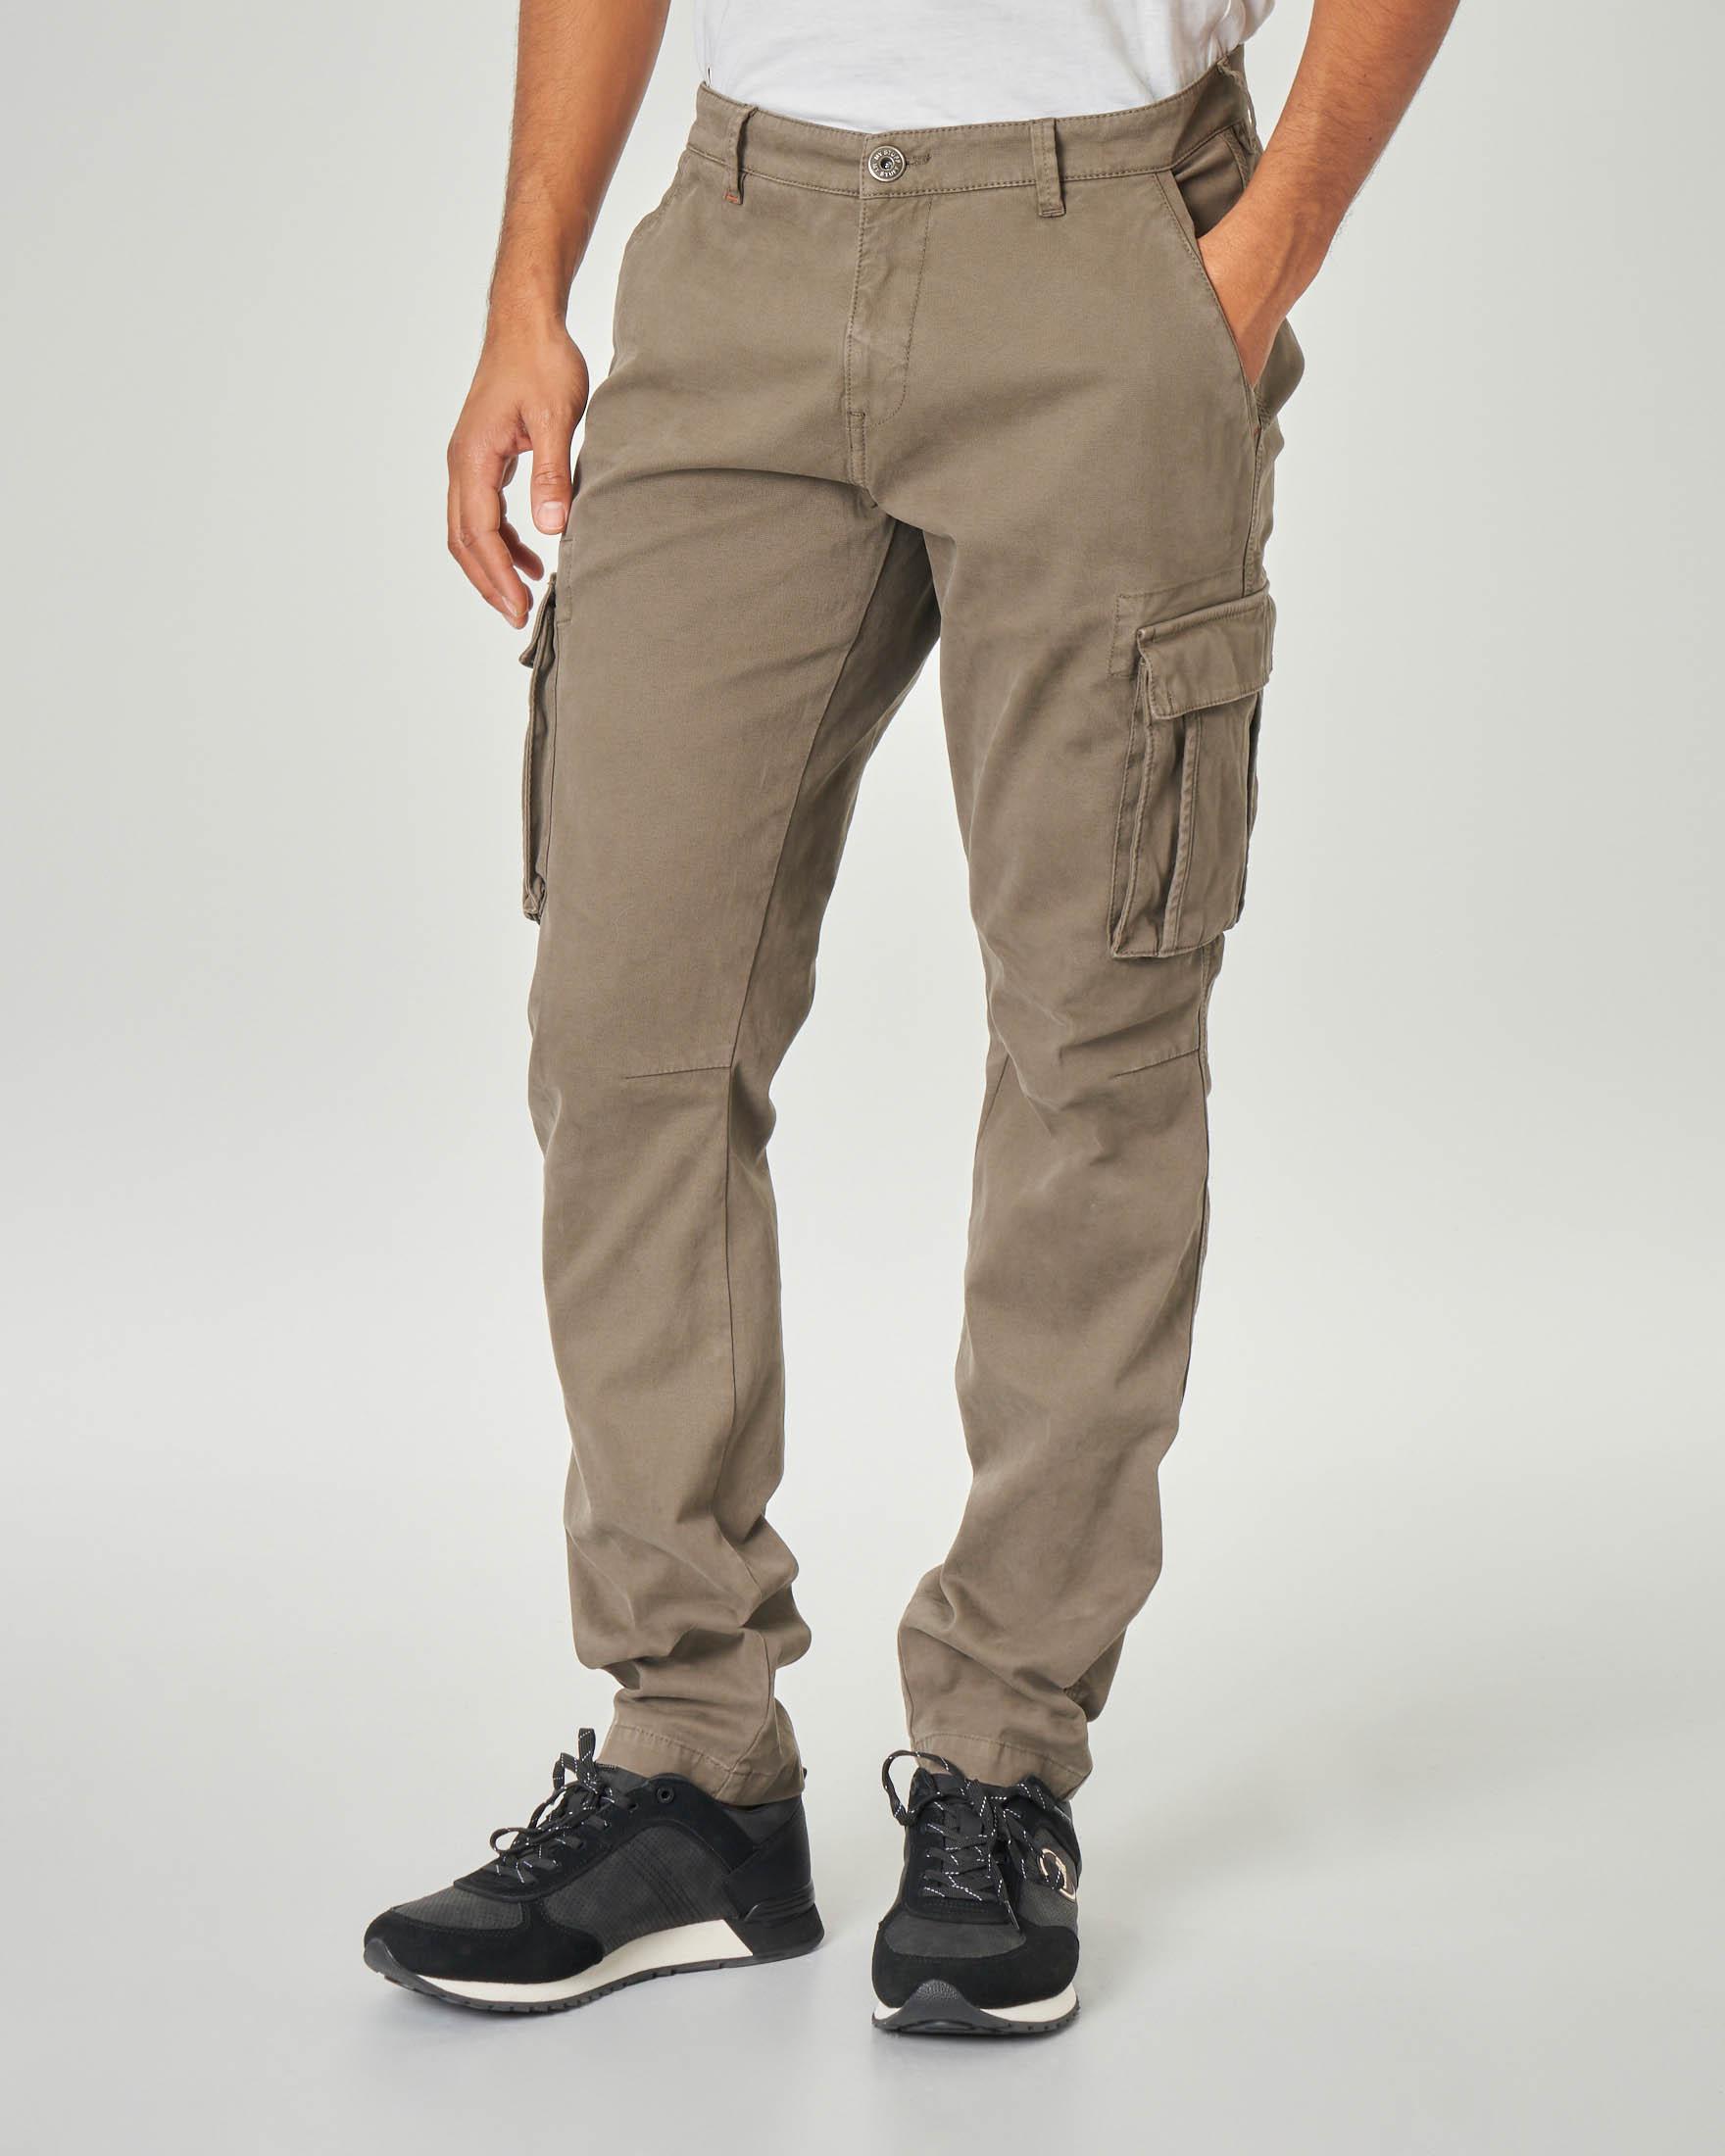 Composizione Del Colore Tortora pantalone tasconato color tortora | pellizzari e-commerce